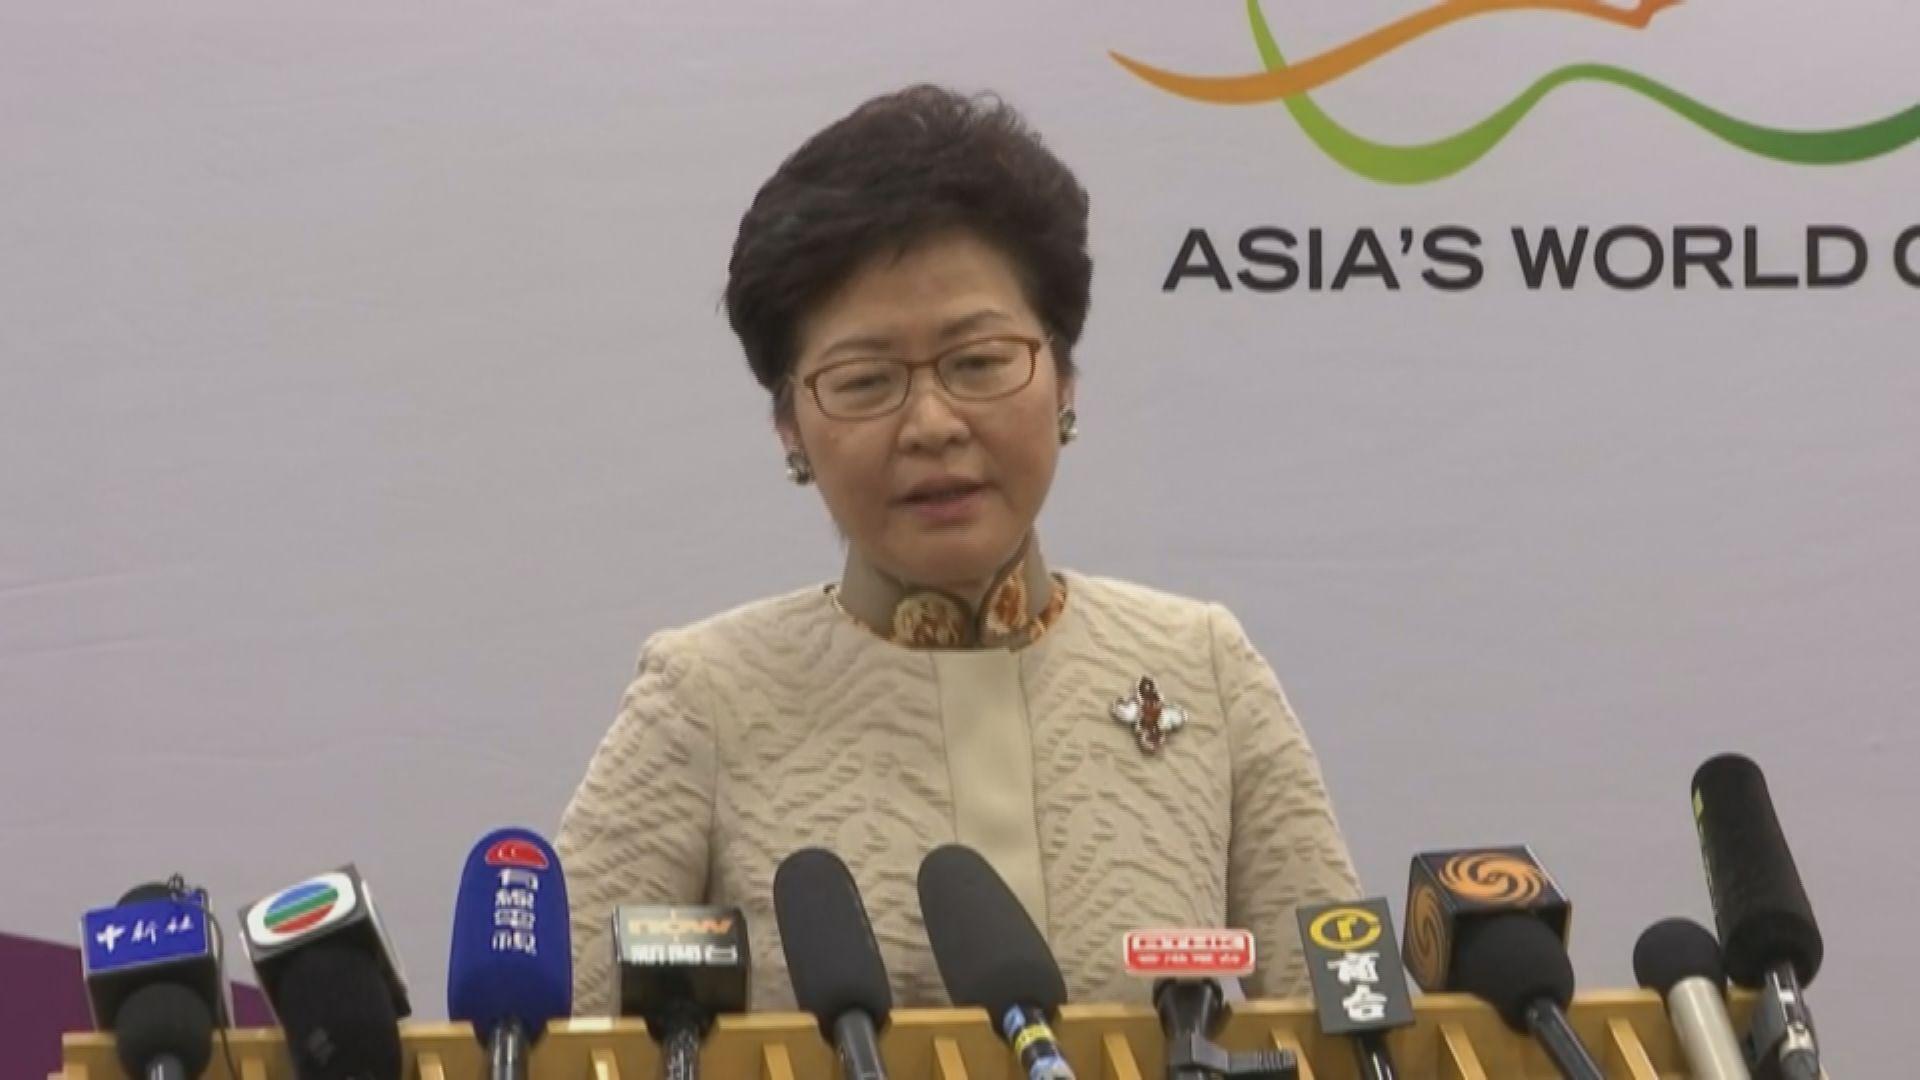 林鄭拒絕評論過往政府就鄧龍威一案的做法